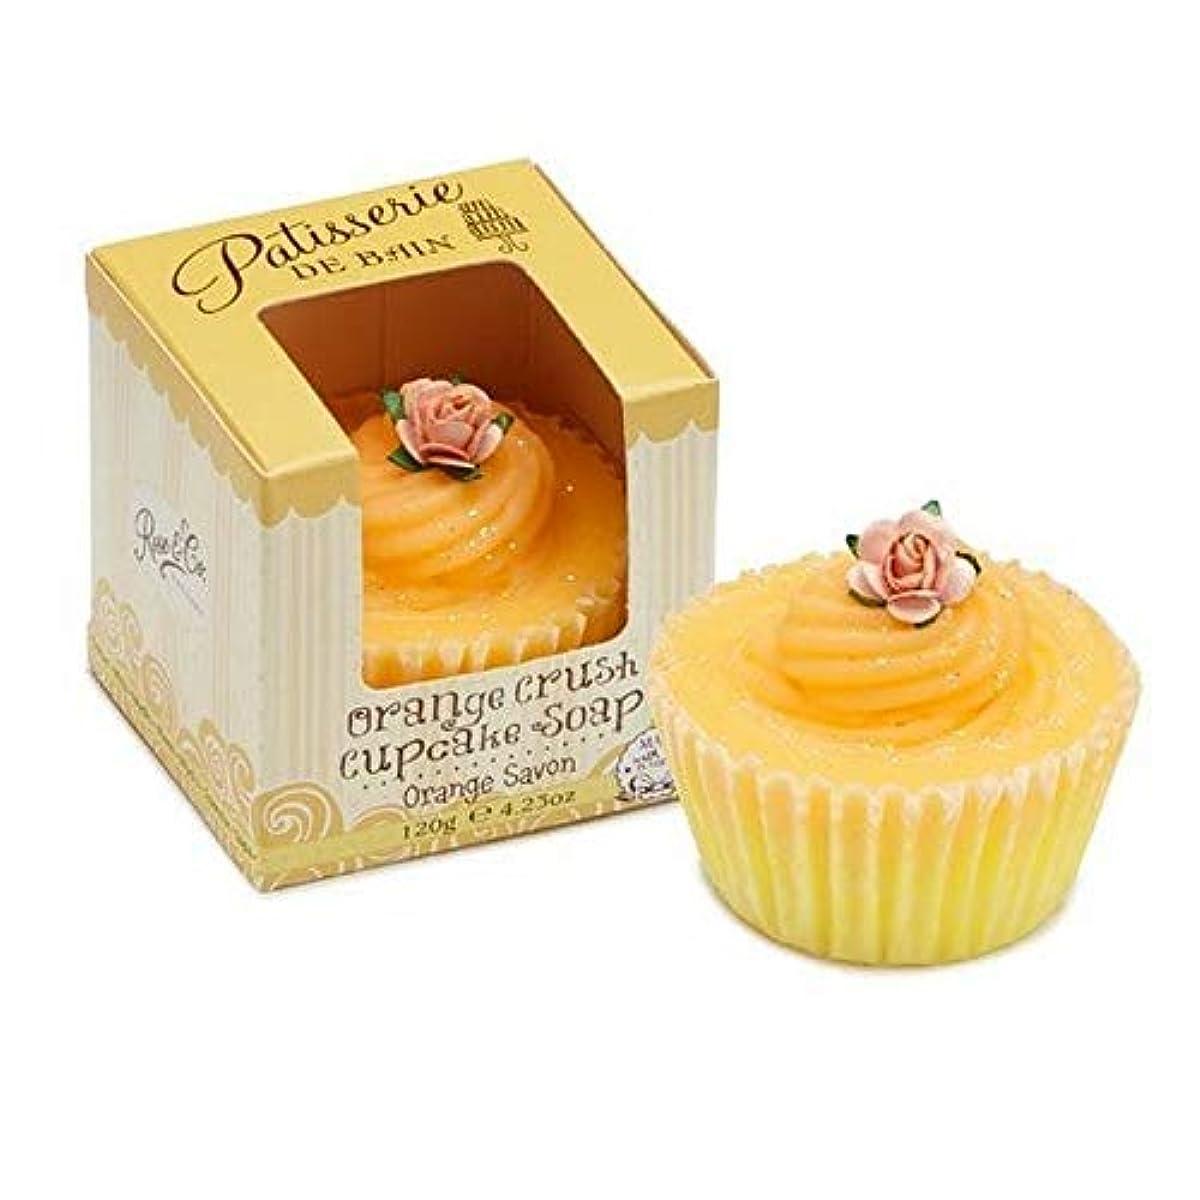 魅力的であることへのアピールカレンダー一次[Patisserie de Bain ] パティスリー?ド?ベインオレンジクラッシュカップケーキソープ120グラム - Patisserie de Bain Orange Crush Cupcake soap 120g...